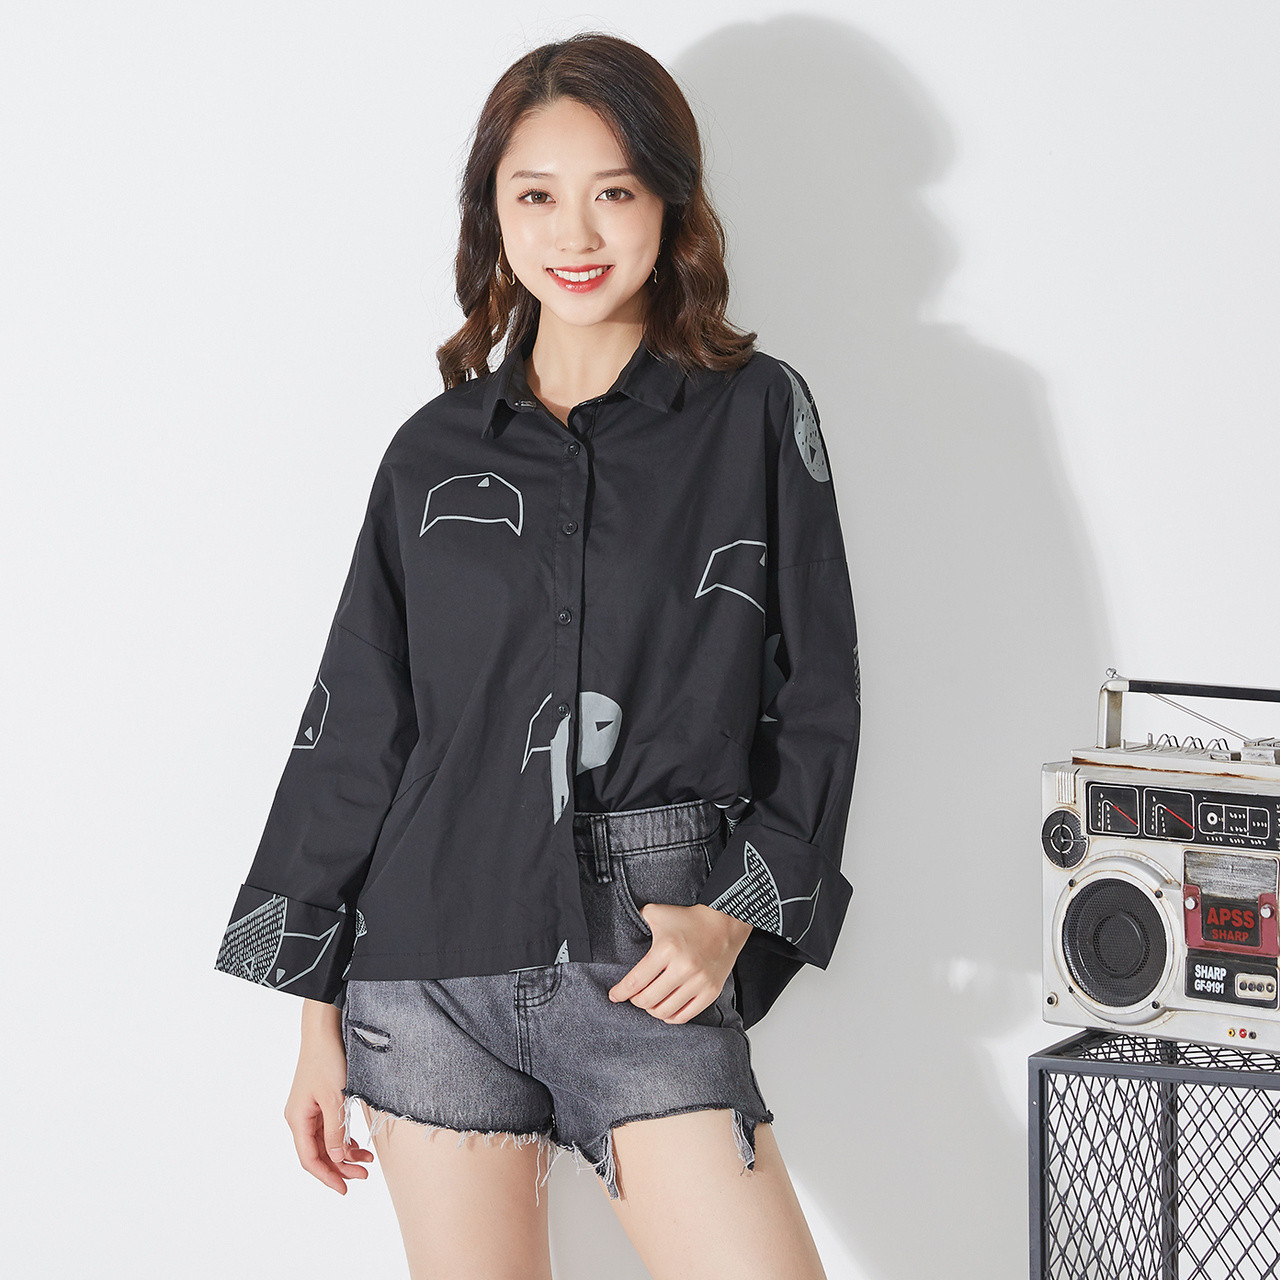 Хлопковая женская рубашка стильная 44-50 (в расцветках)